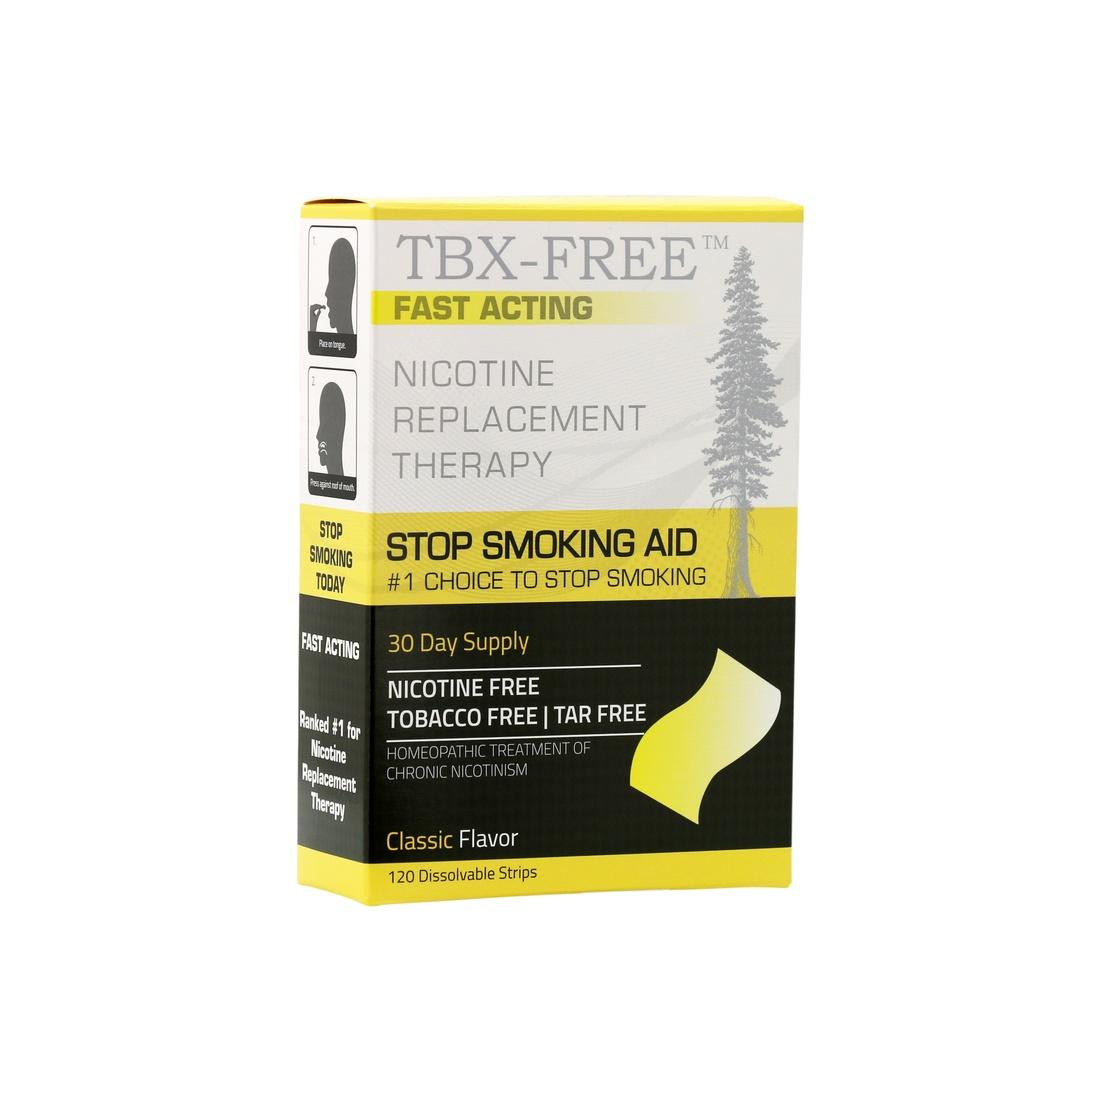 TBX-FREE